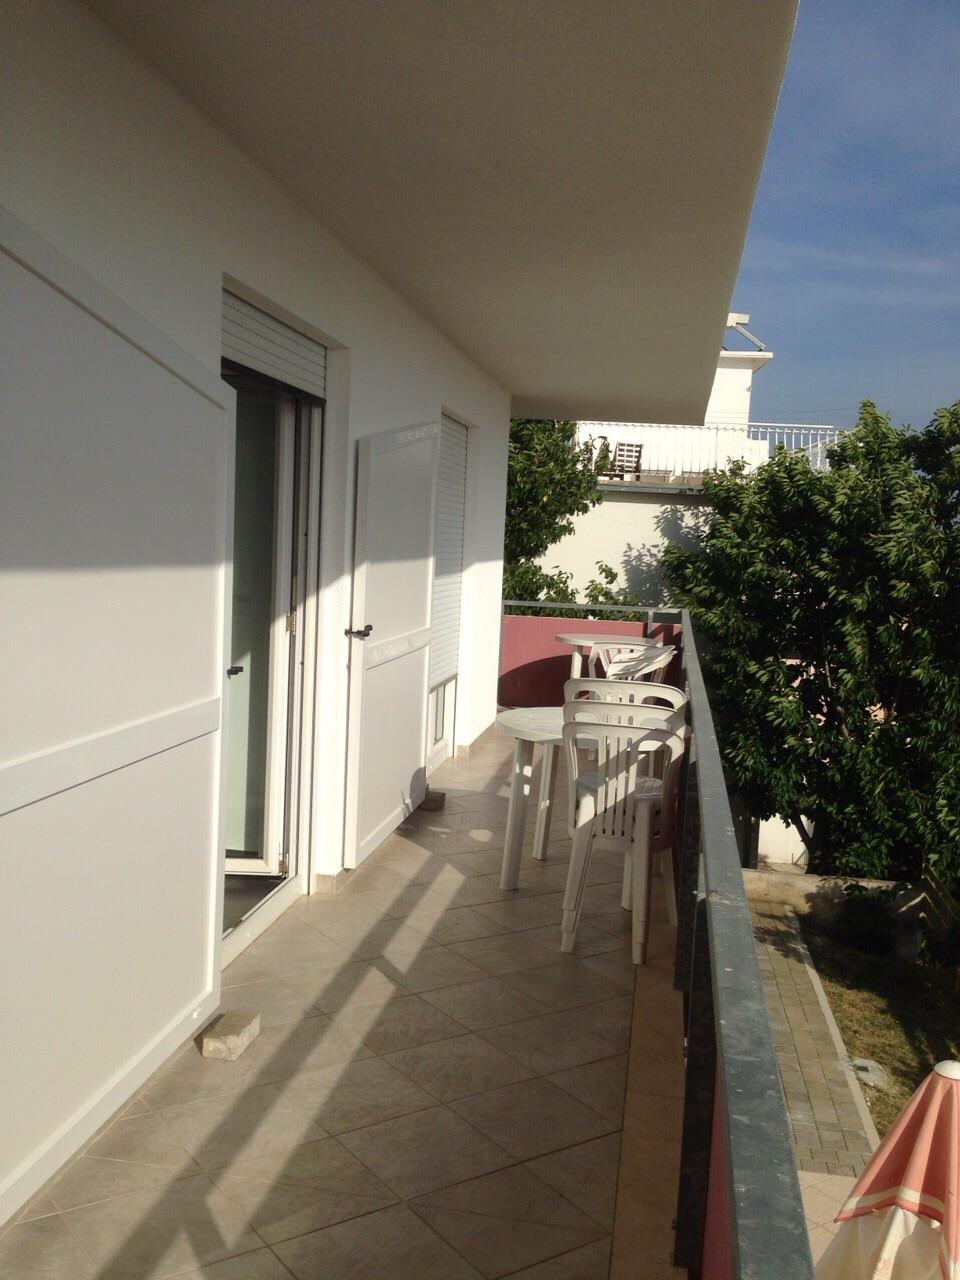 Suchen ferienwohnung haus in kroatien for Haus suchen